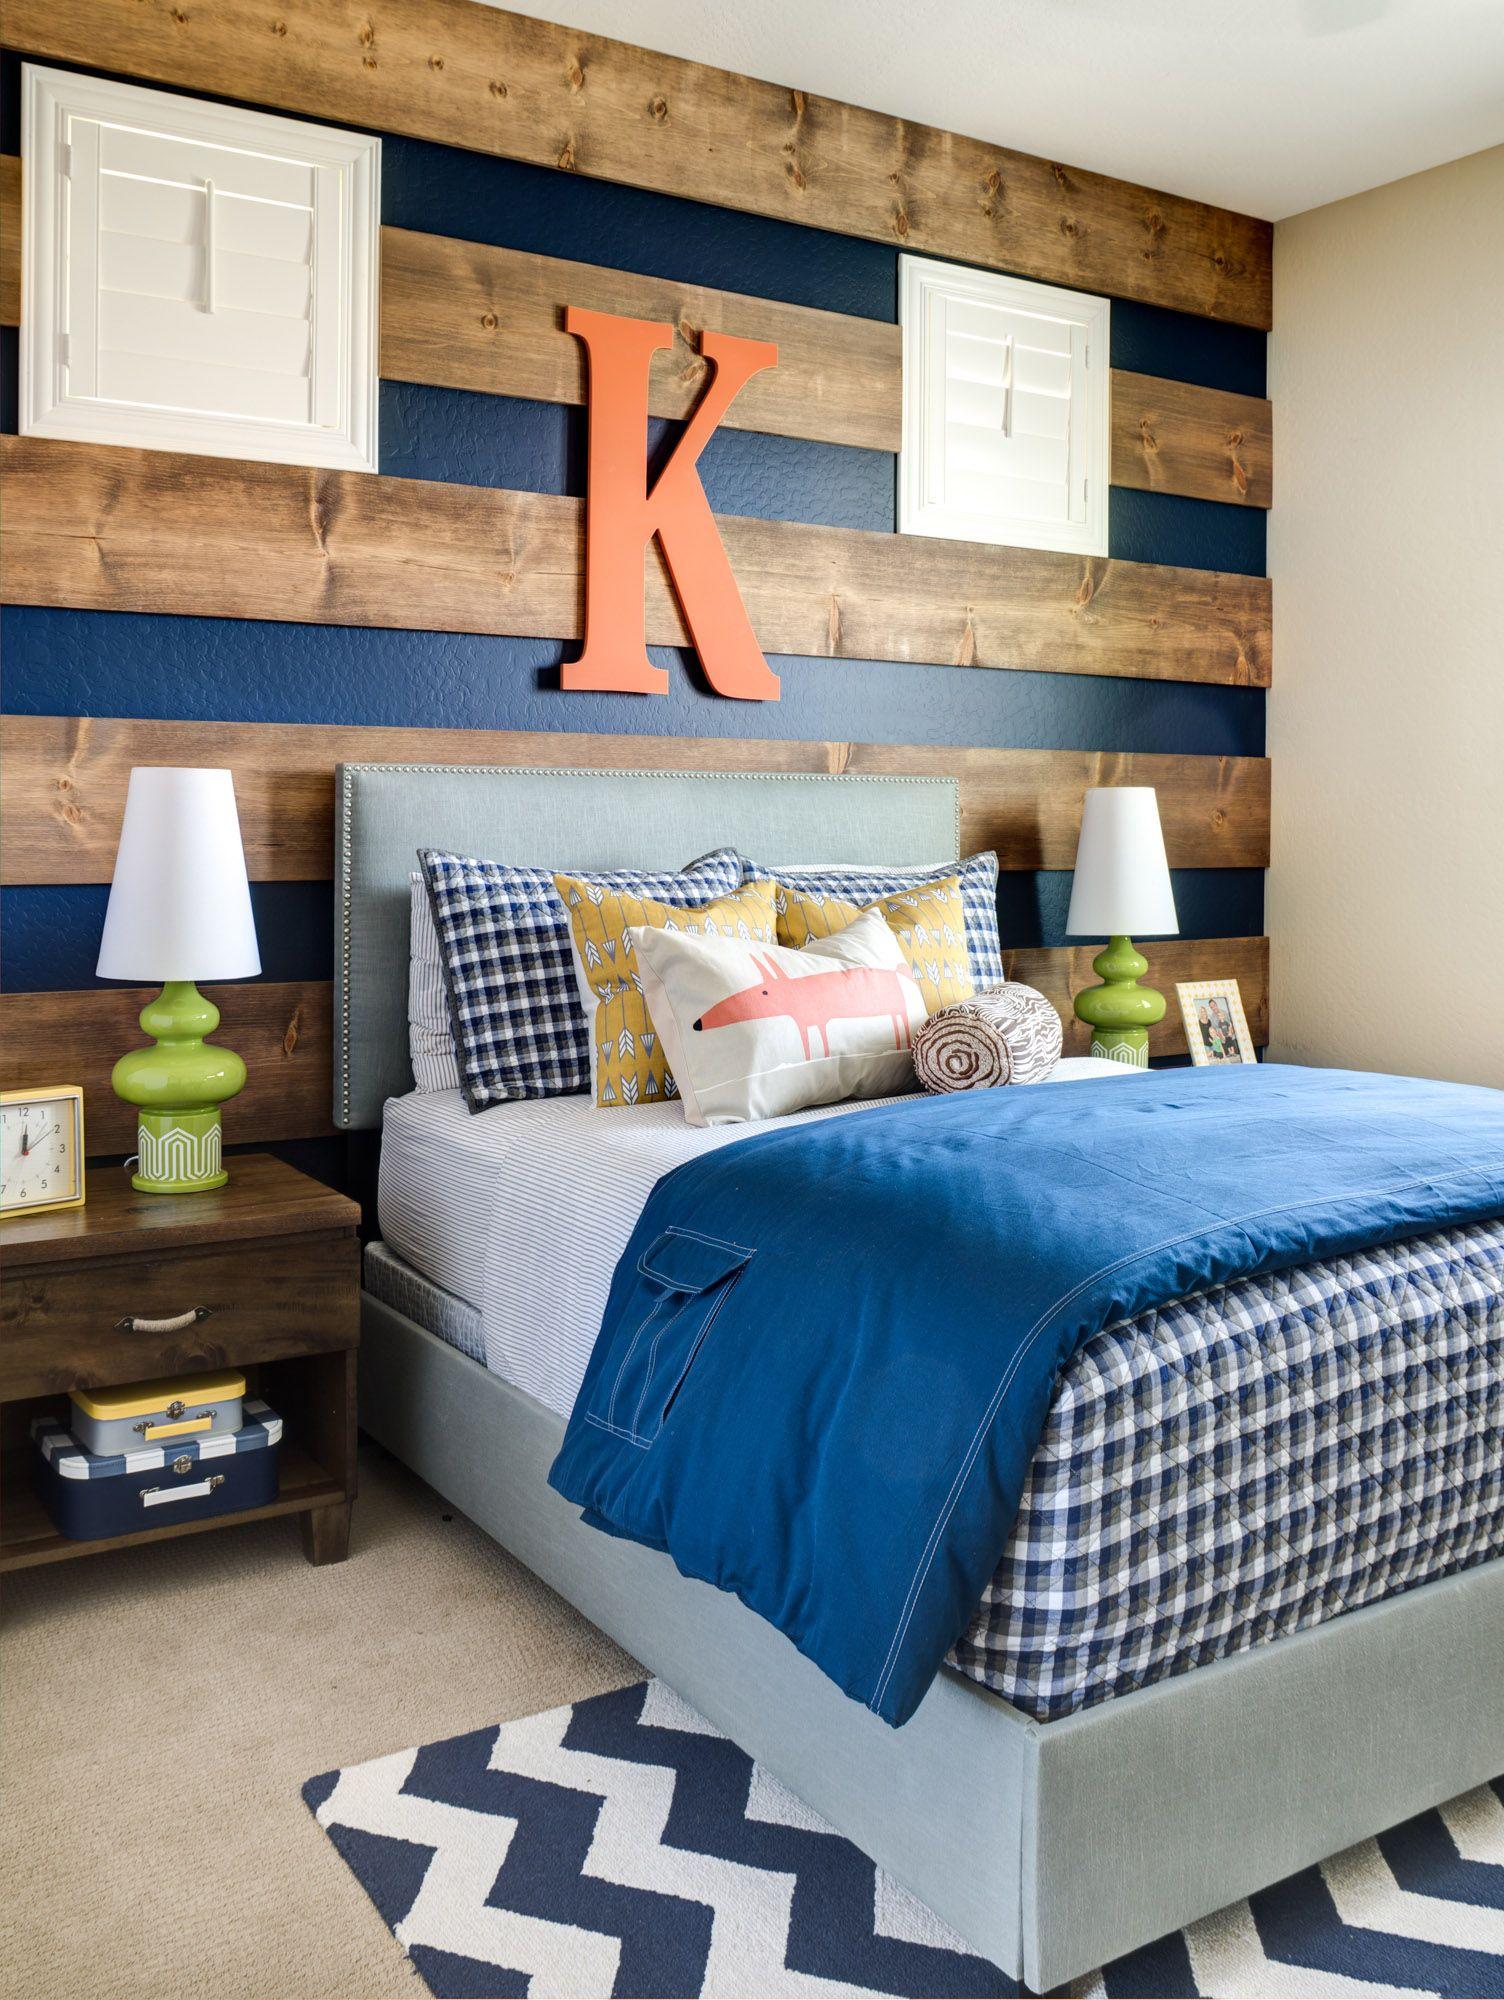 Malerei Zimmer Ideen Für Jungen Schlafzimmer design